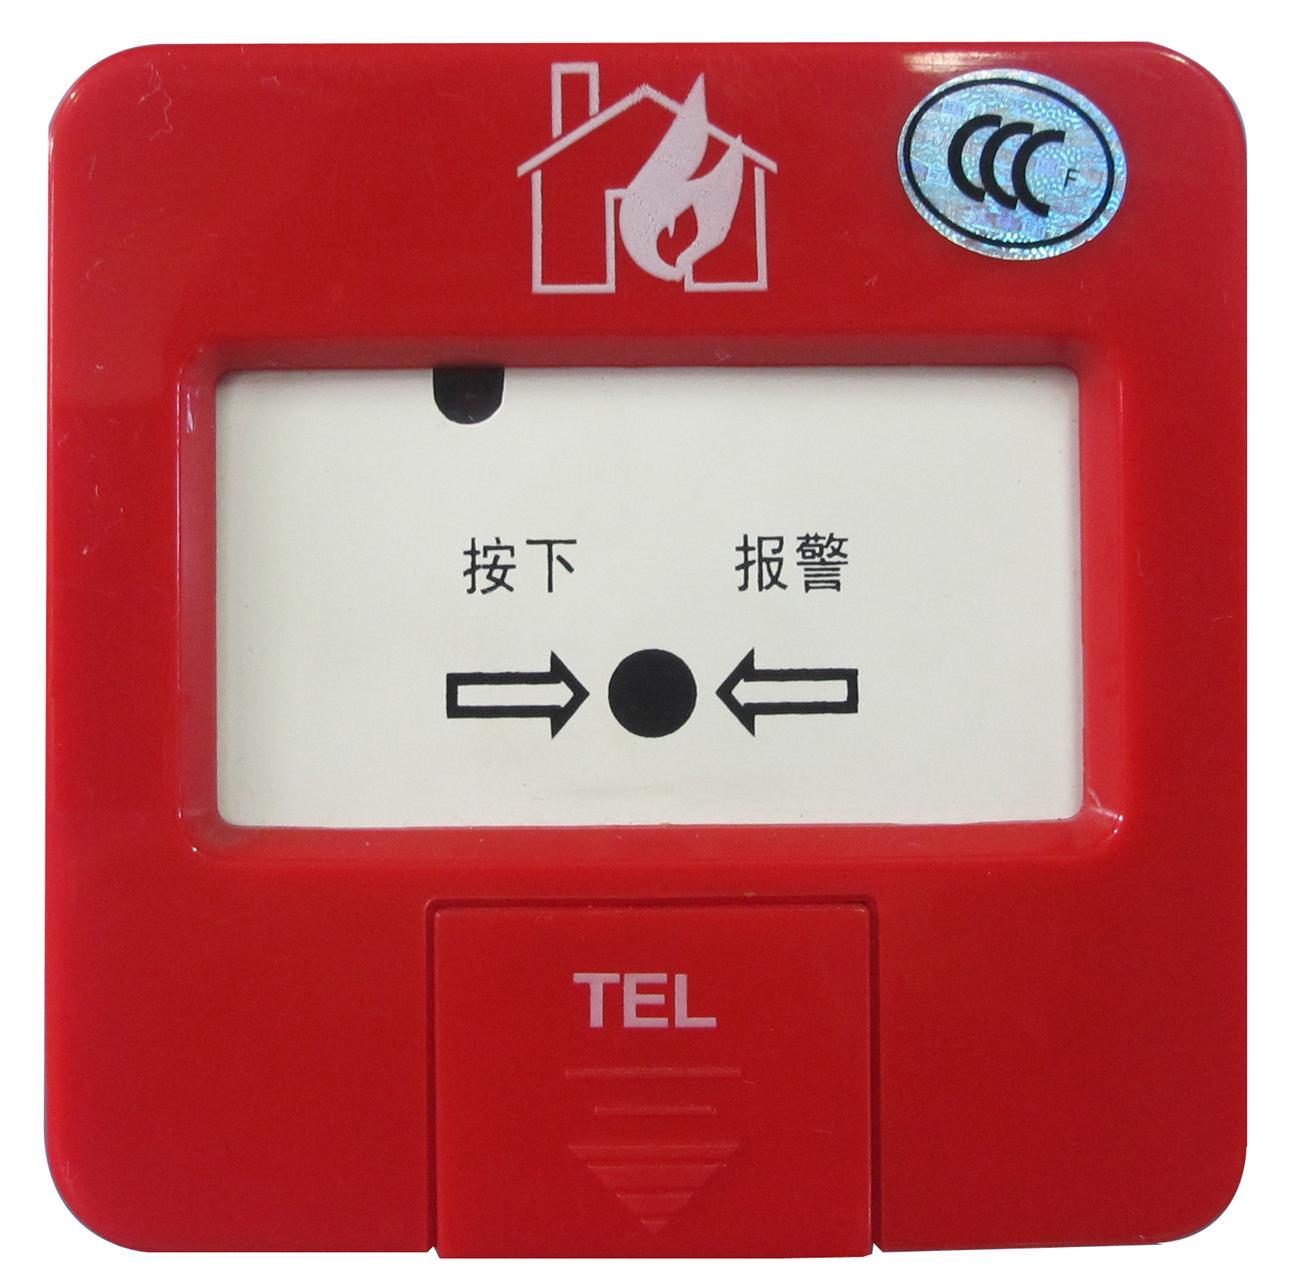 北京利达消防栓按钮接线图